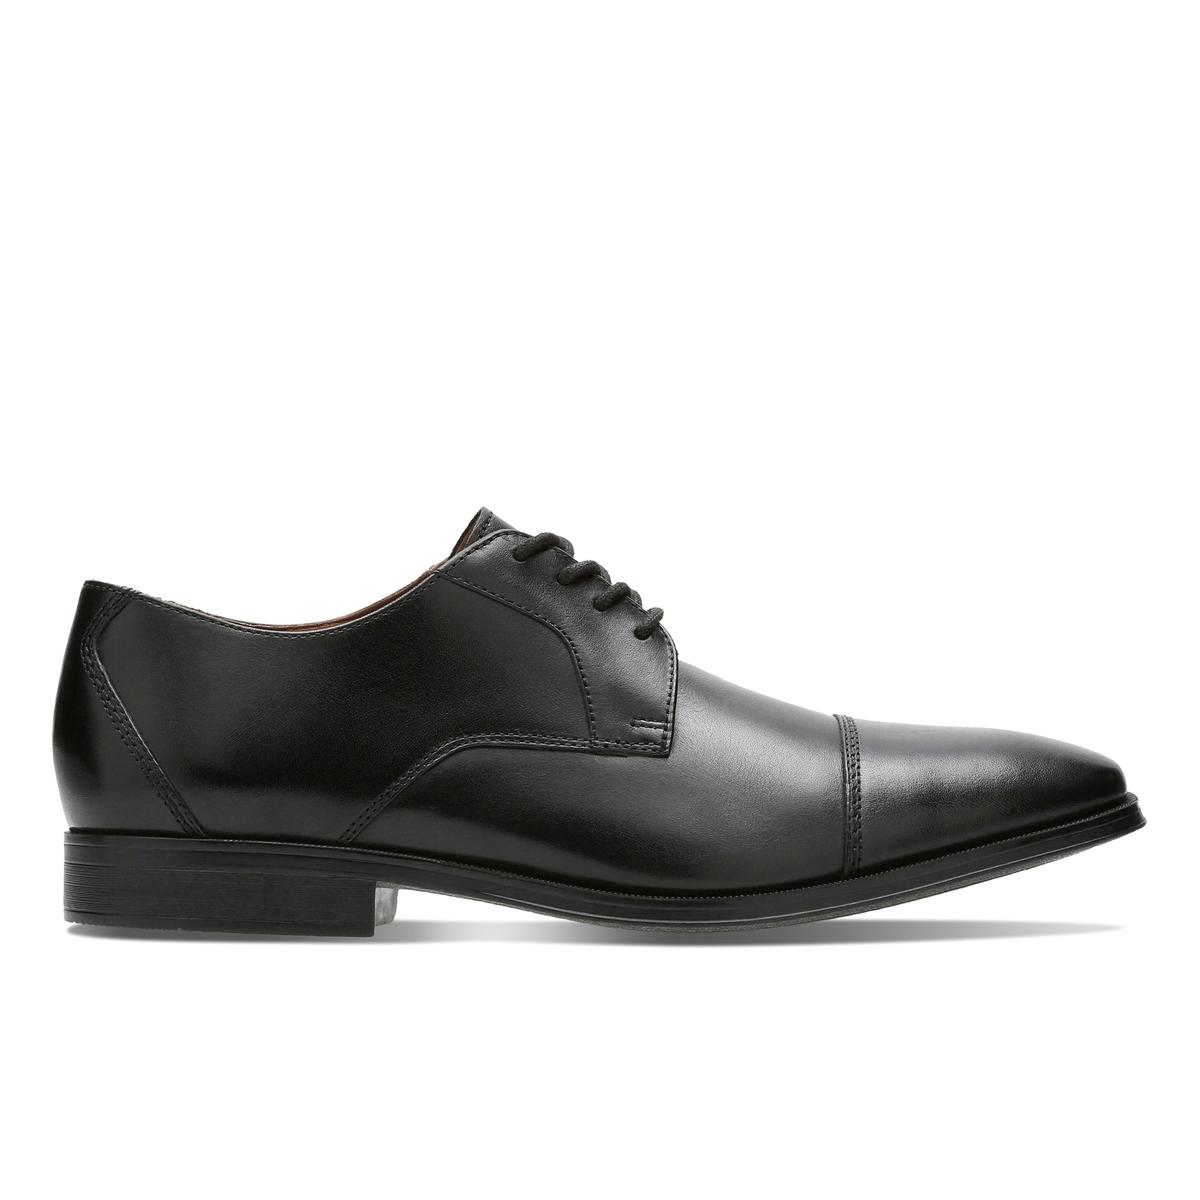 Ботинки-дерби кожаные Gilman Cap ботинки дерби кожаные gilman cap